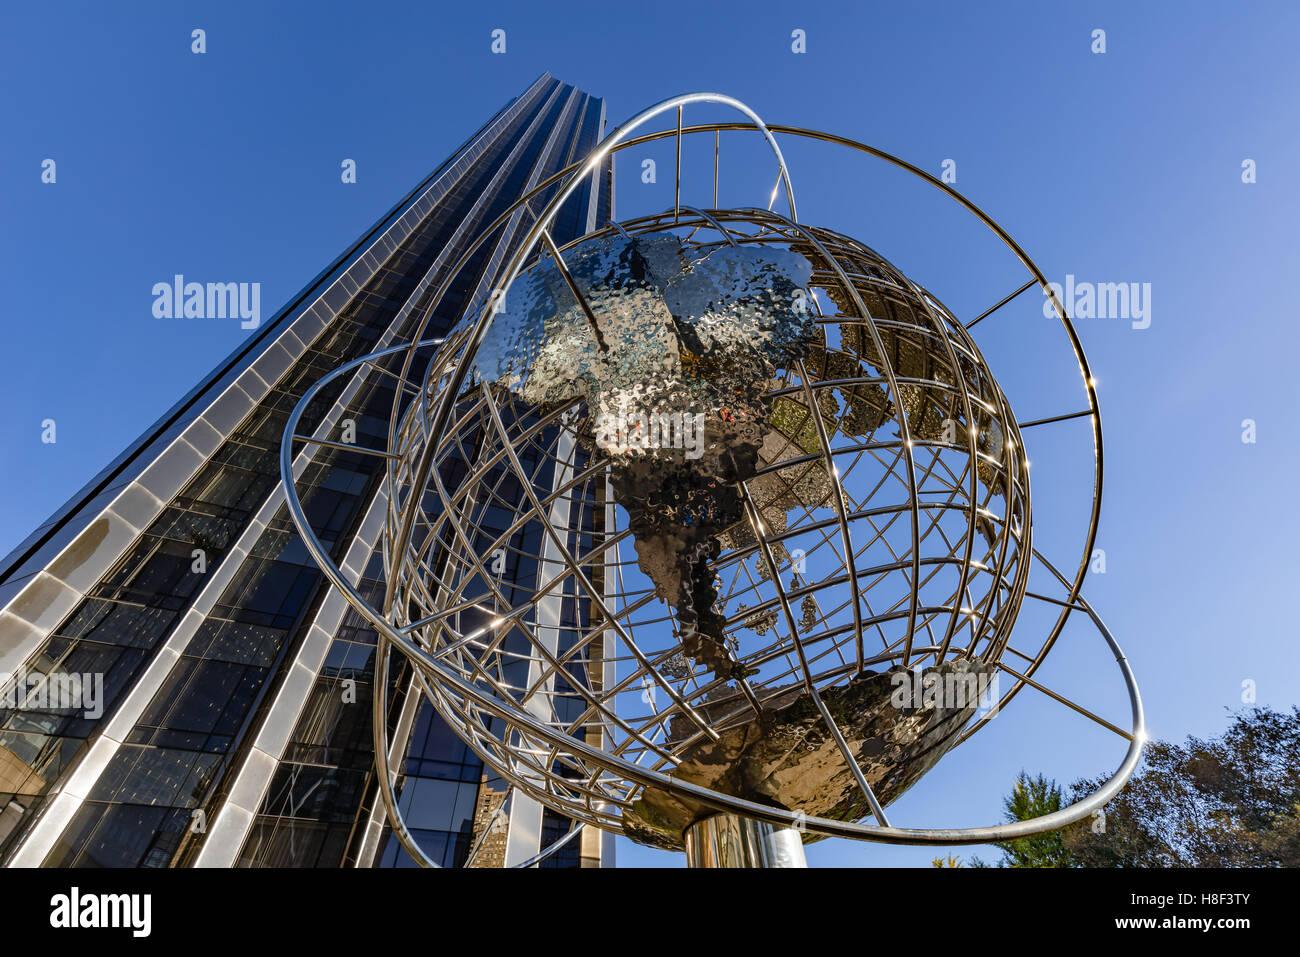 Trump International Hotel and Tower grattacielo con globo di metallo scultura. Midtown Manhattan, New York City Immagini Stock